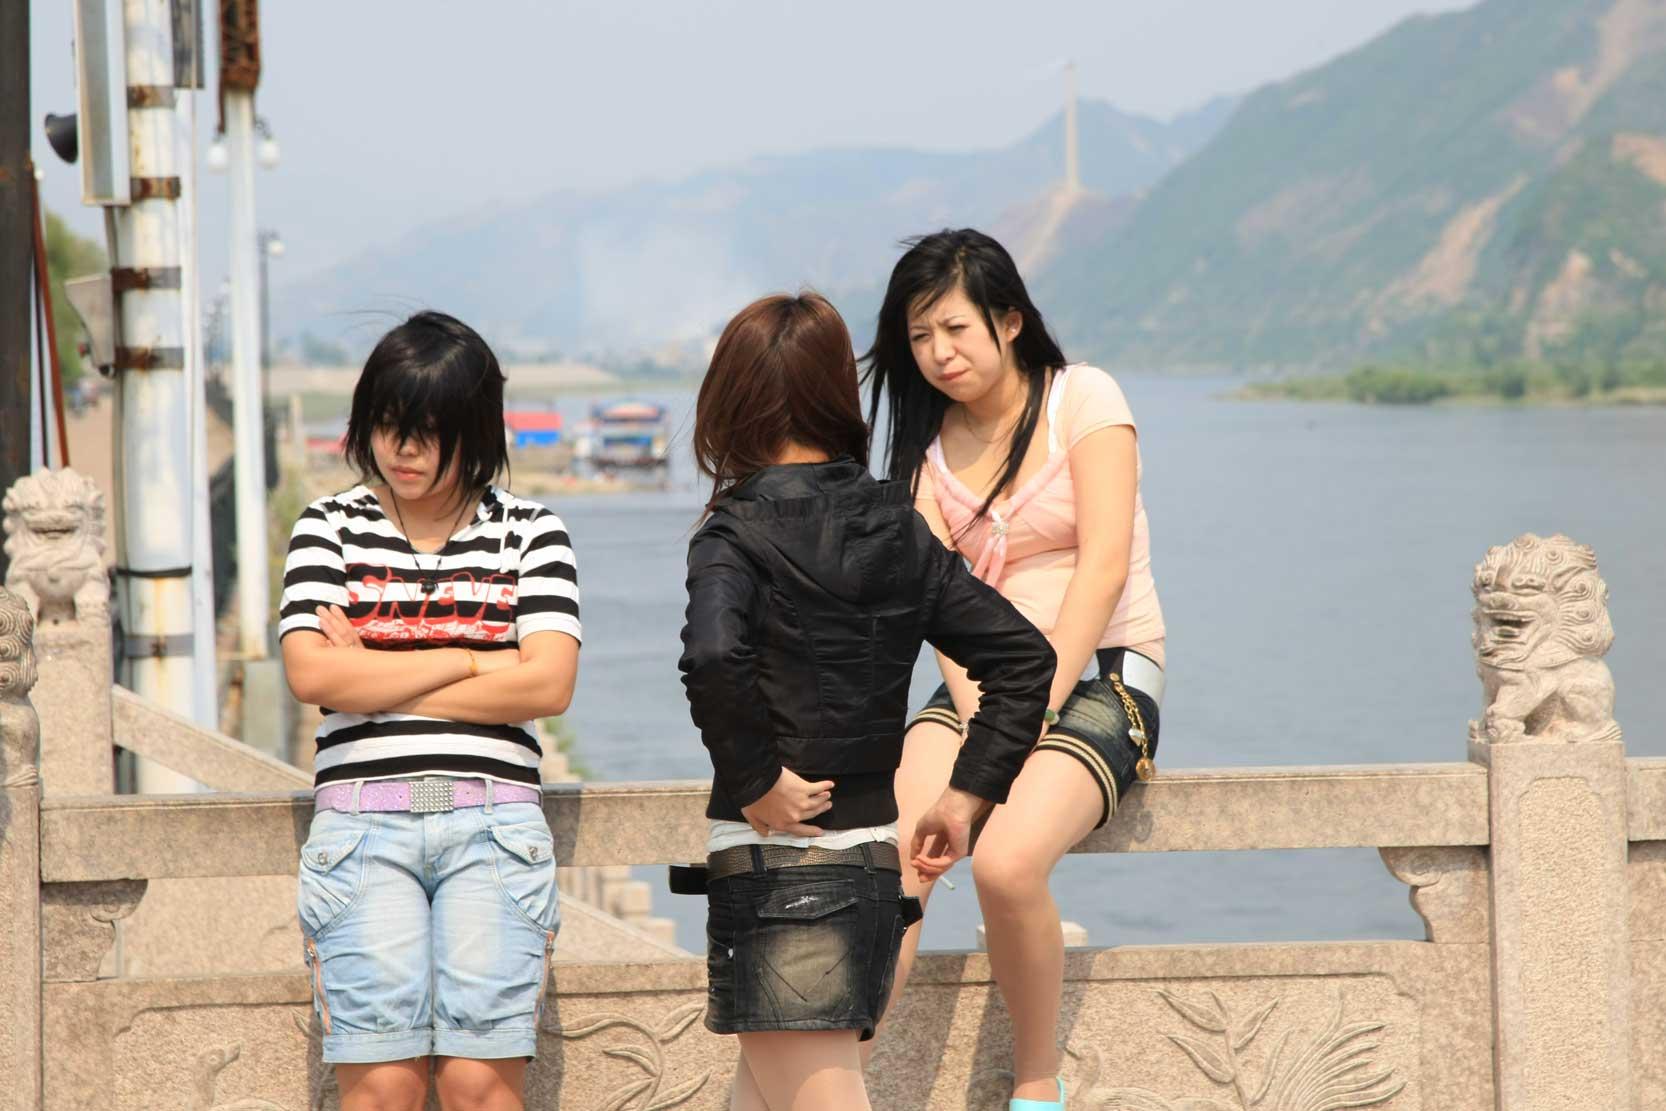 世界遺産のまち、集安~のどかな鴨緑江沿いの風景_b0235153_1326815.jpg